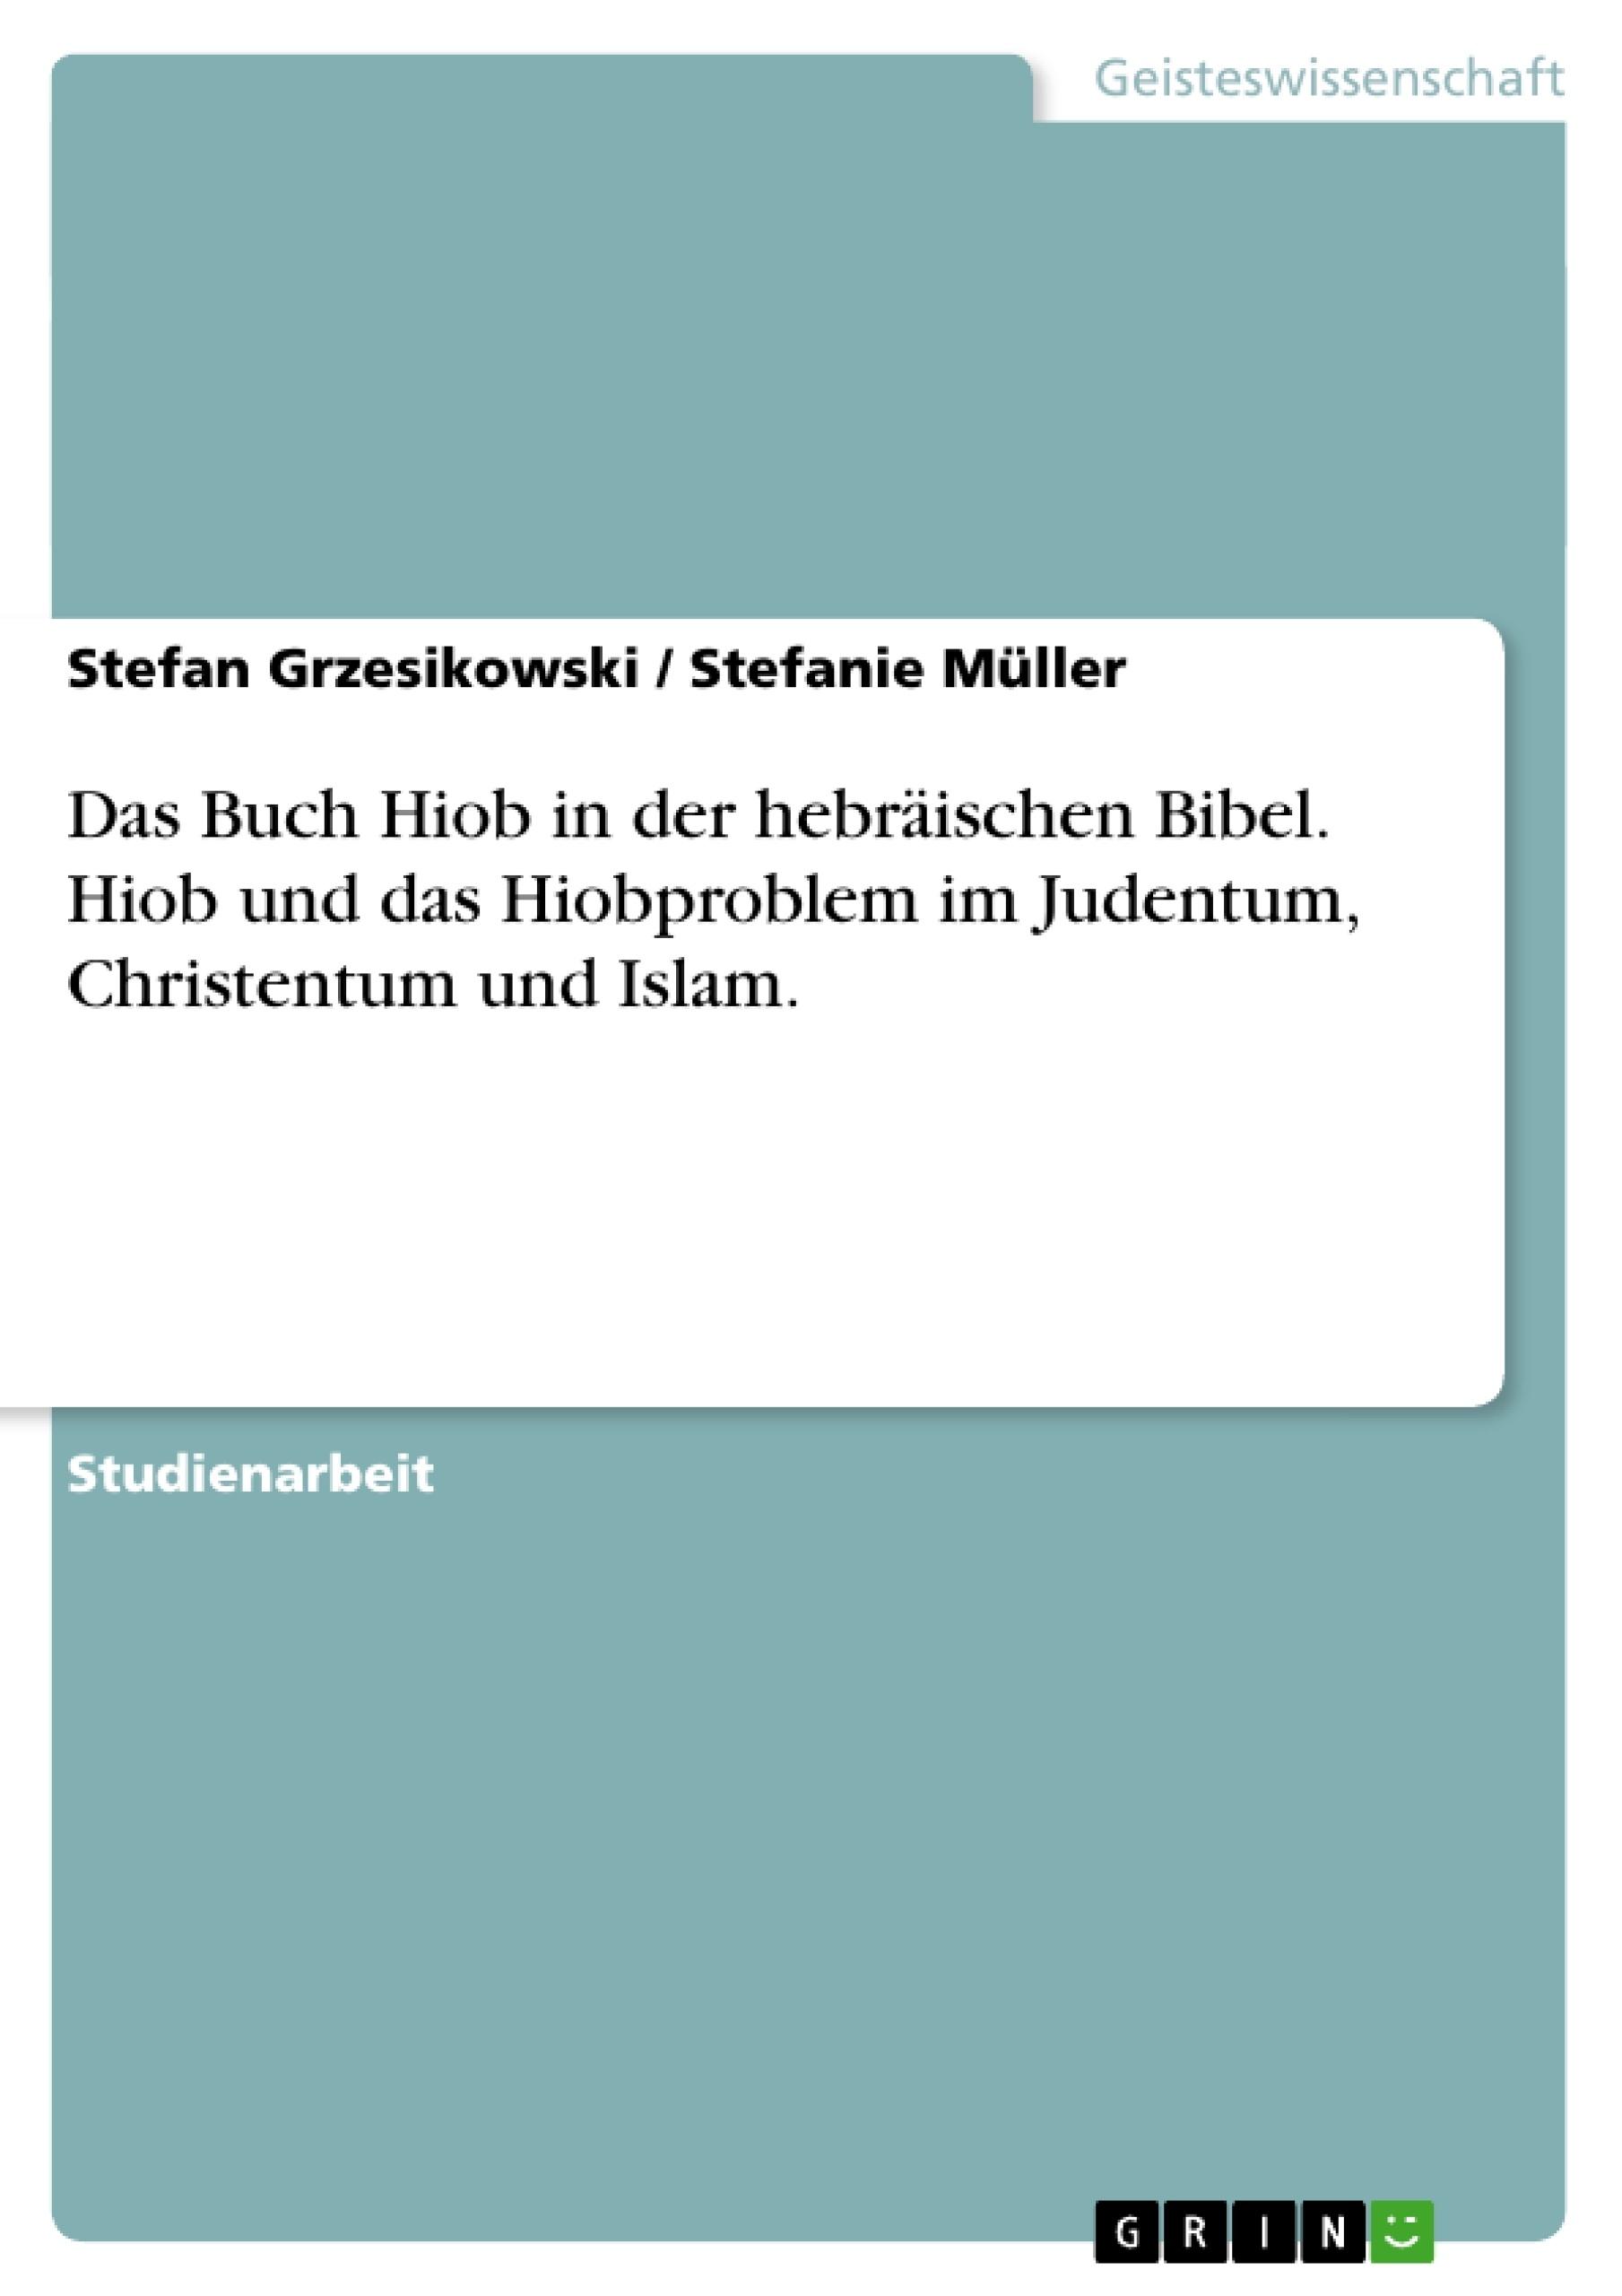 Titel: Das Buch Hiob in der hebräischen Bibel. Hiob und das Hiobproblem im Judentum, Christentum und Islam.